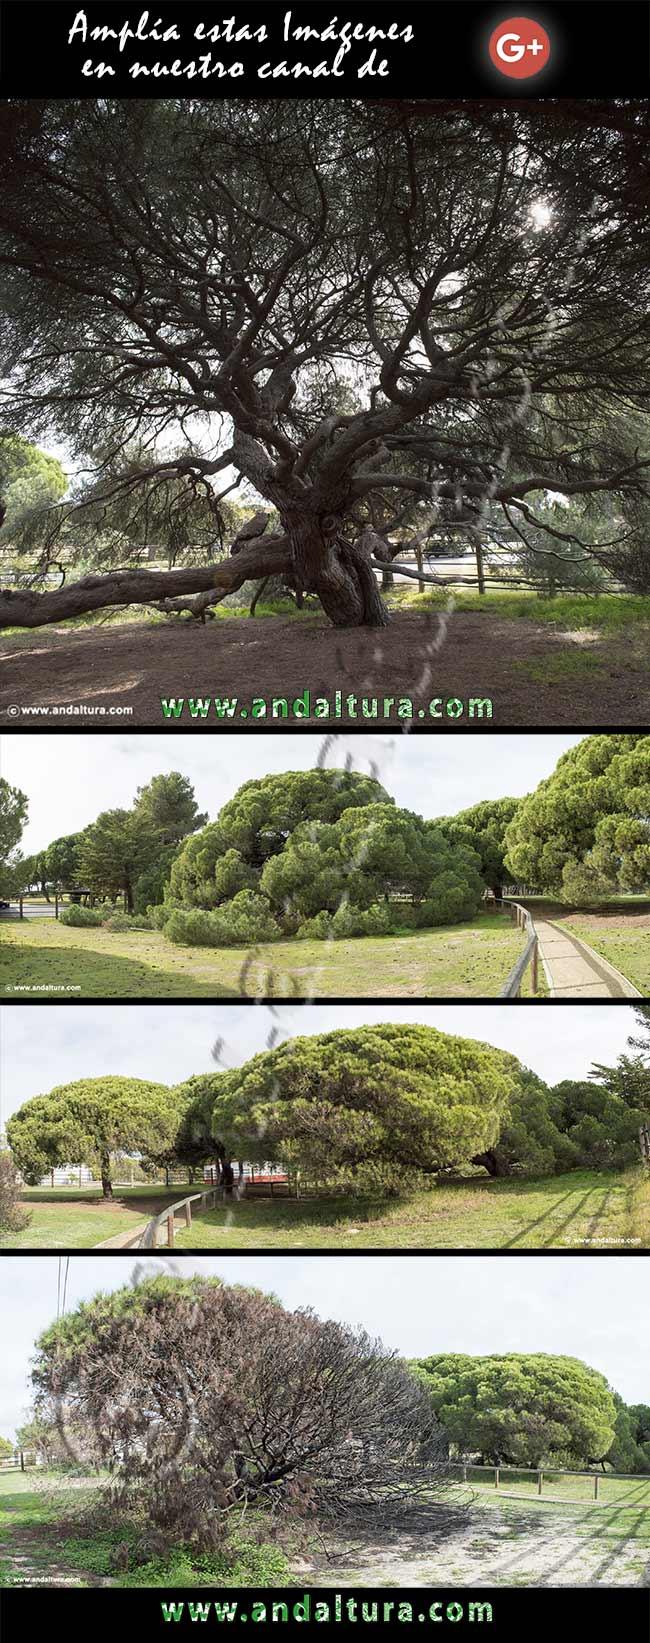 Imágenes del Pino Centenario Parador de Mazagón en Google+